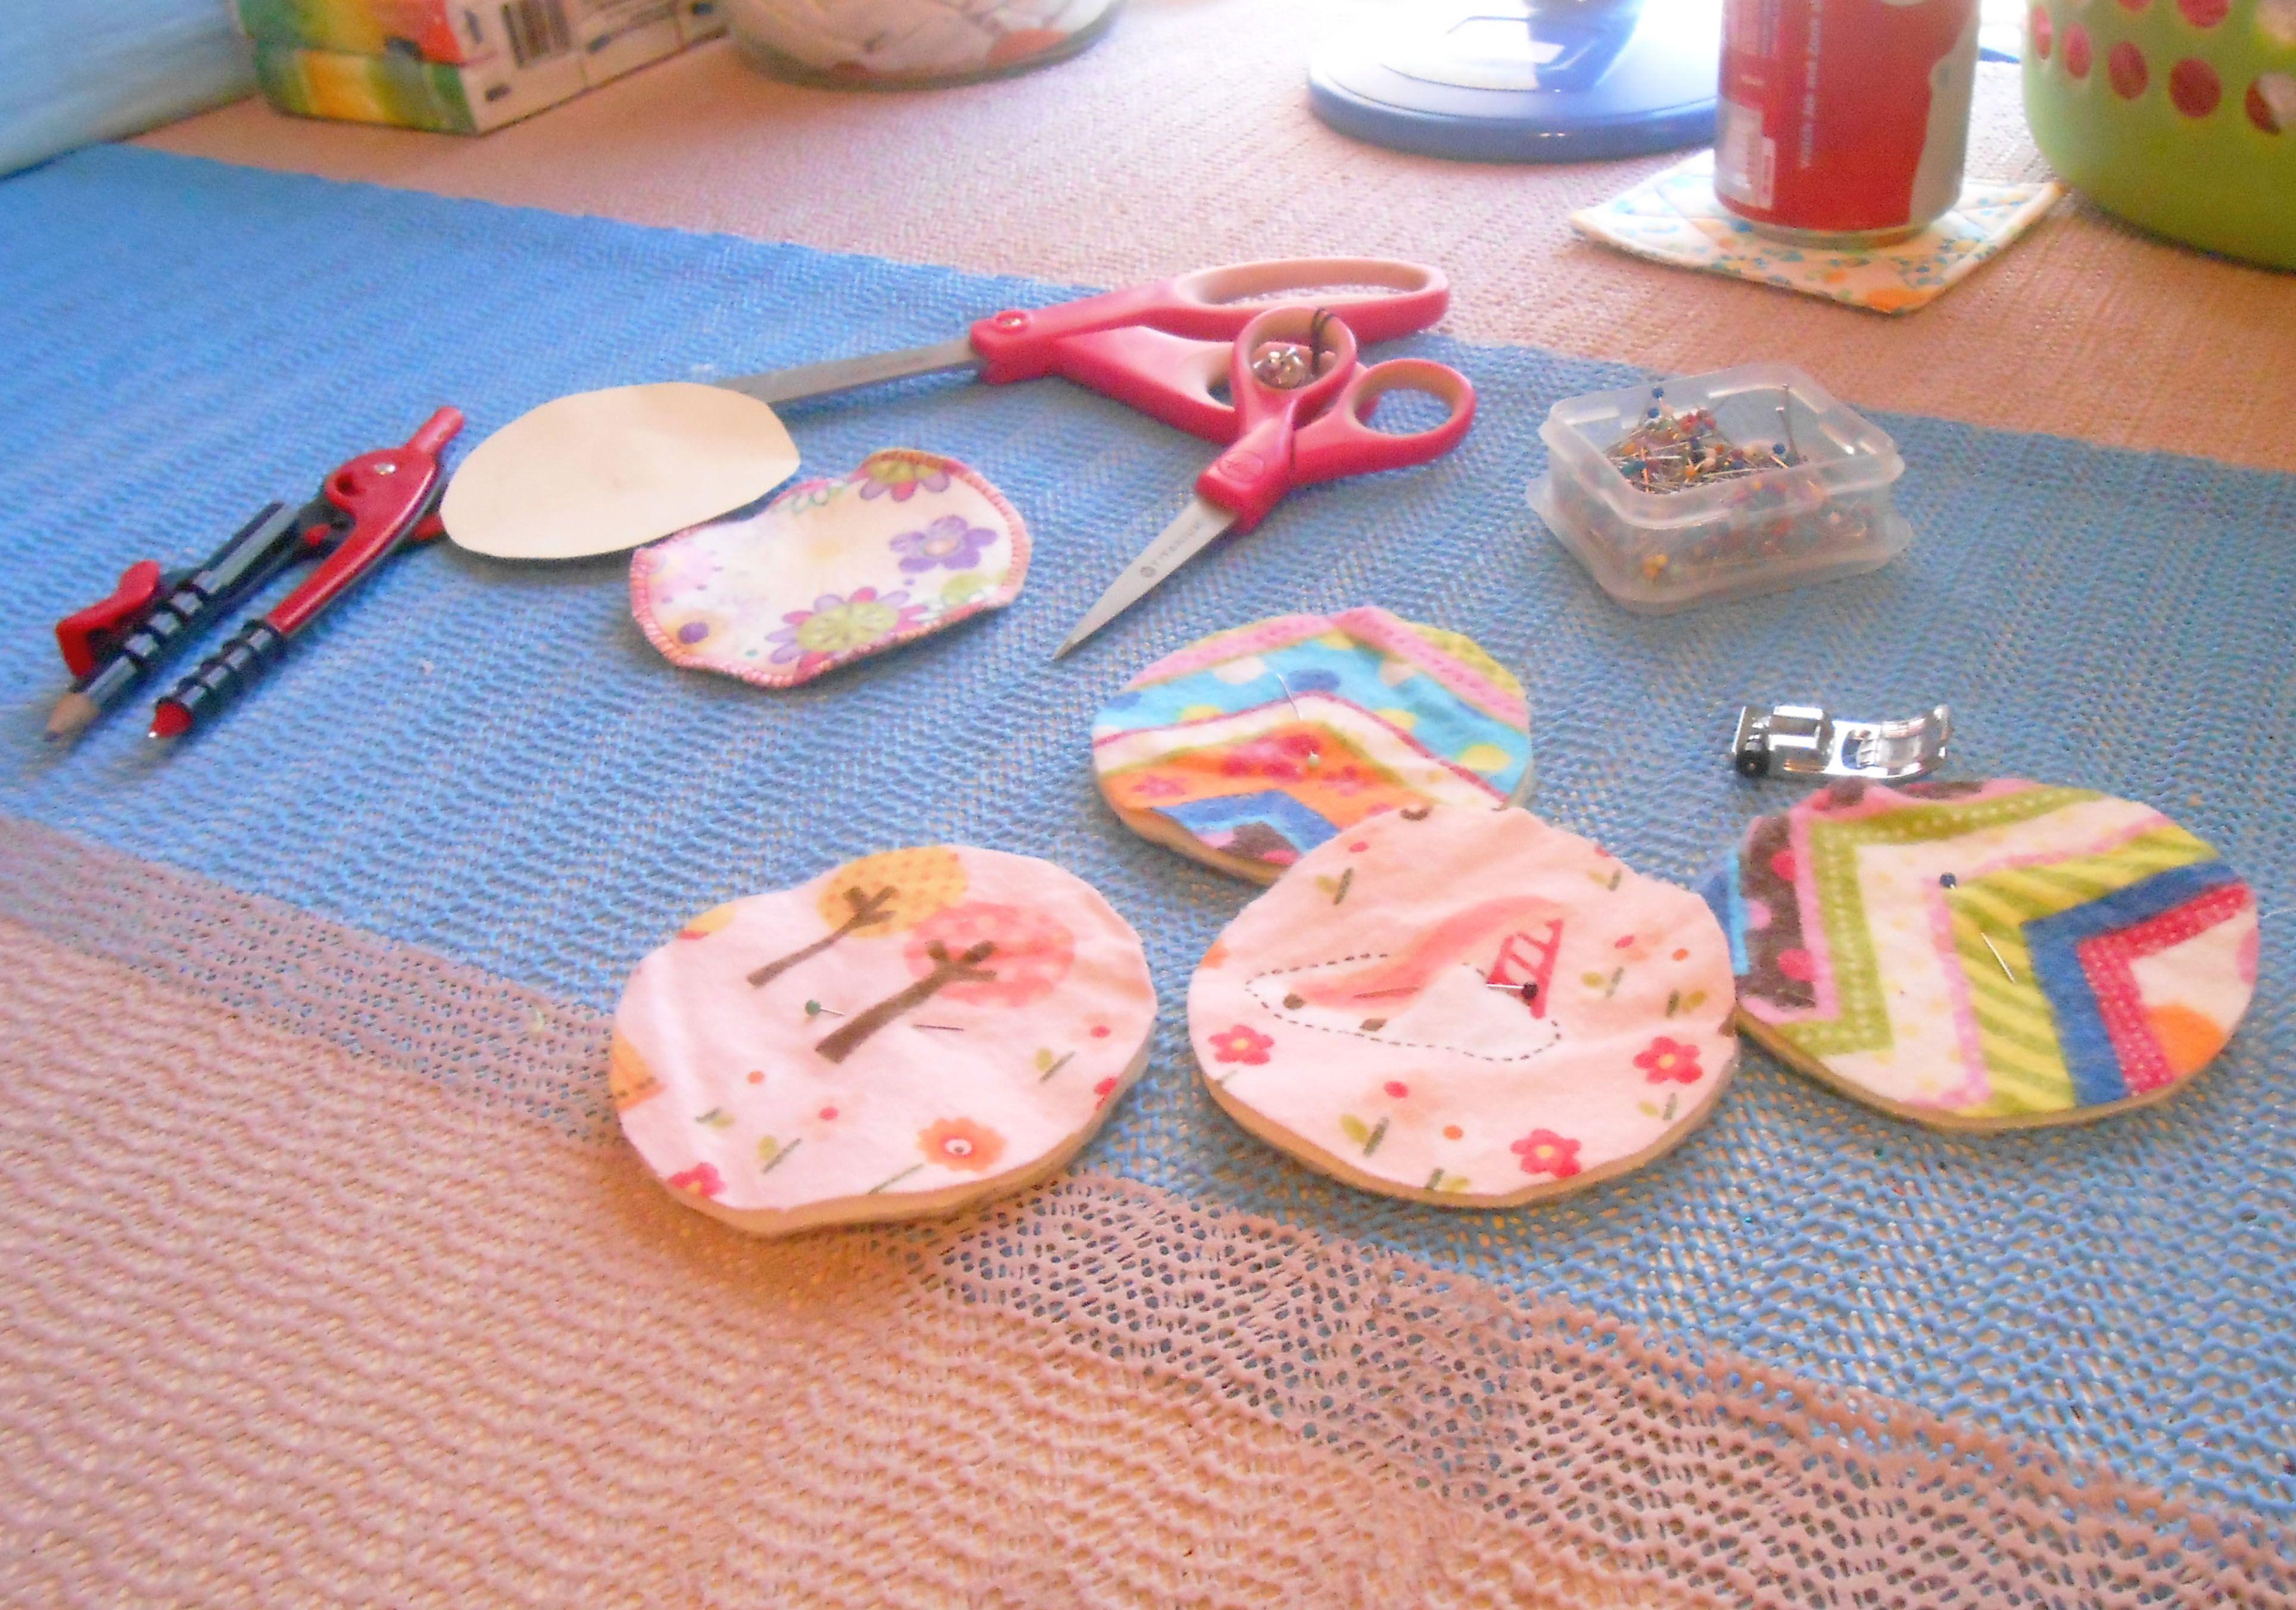 DIY Reusable Cotton Rounds Cotton pads, Eco friendly